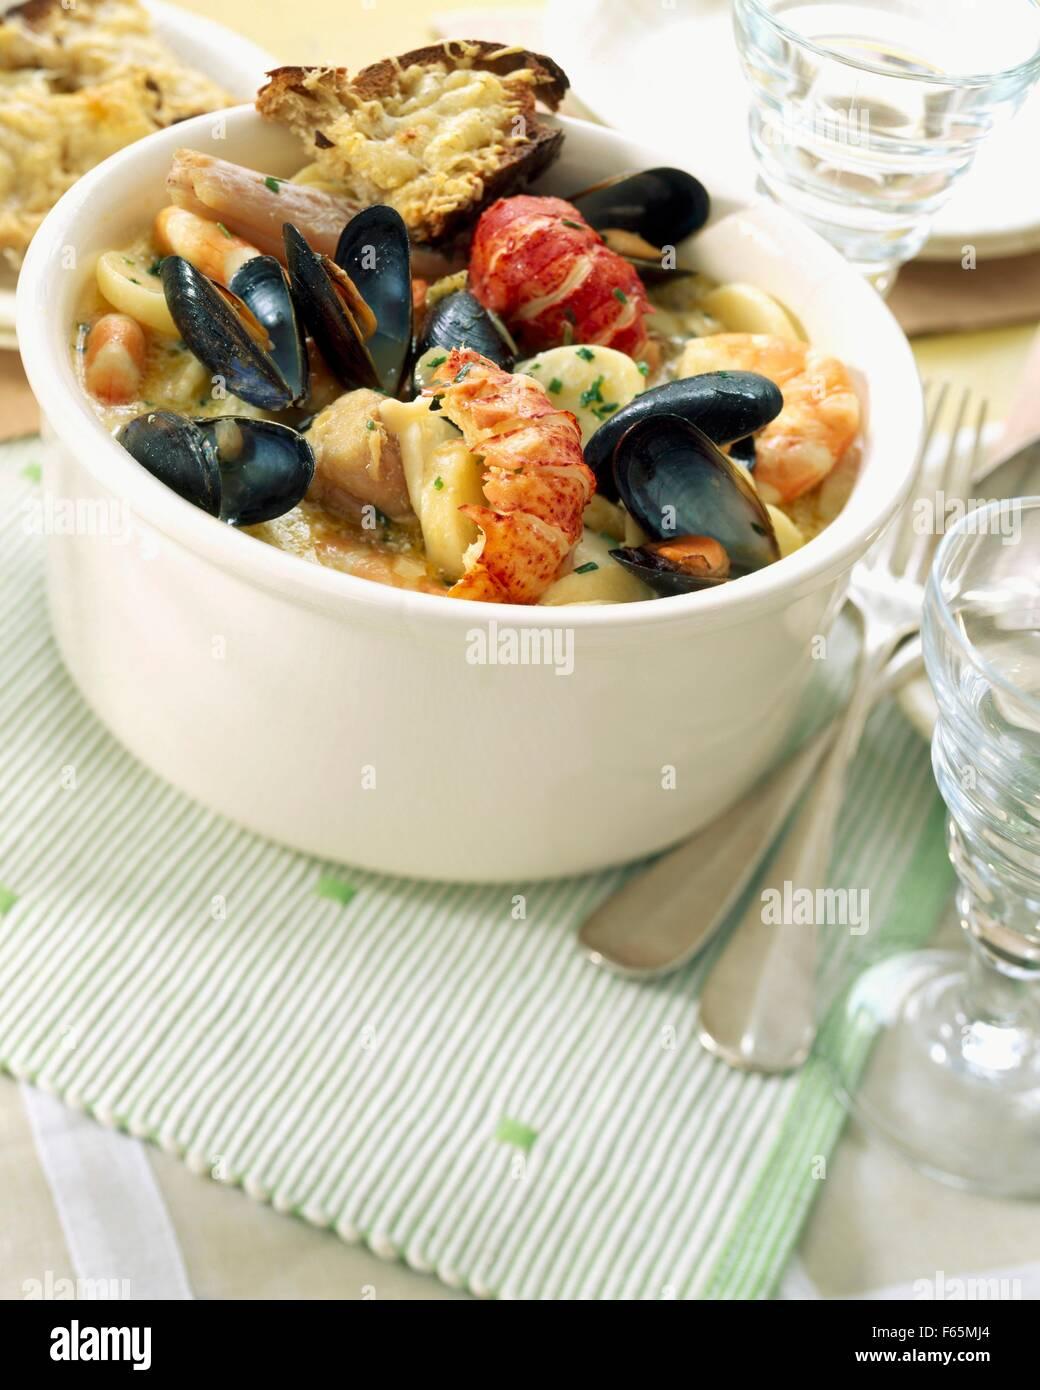 Cotriade with Calvados Stock Photo